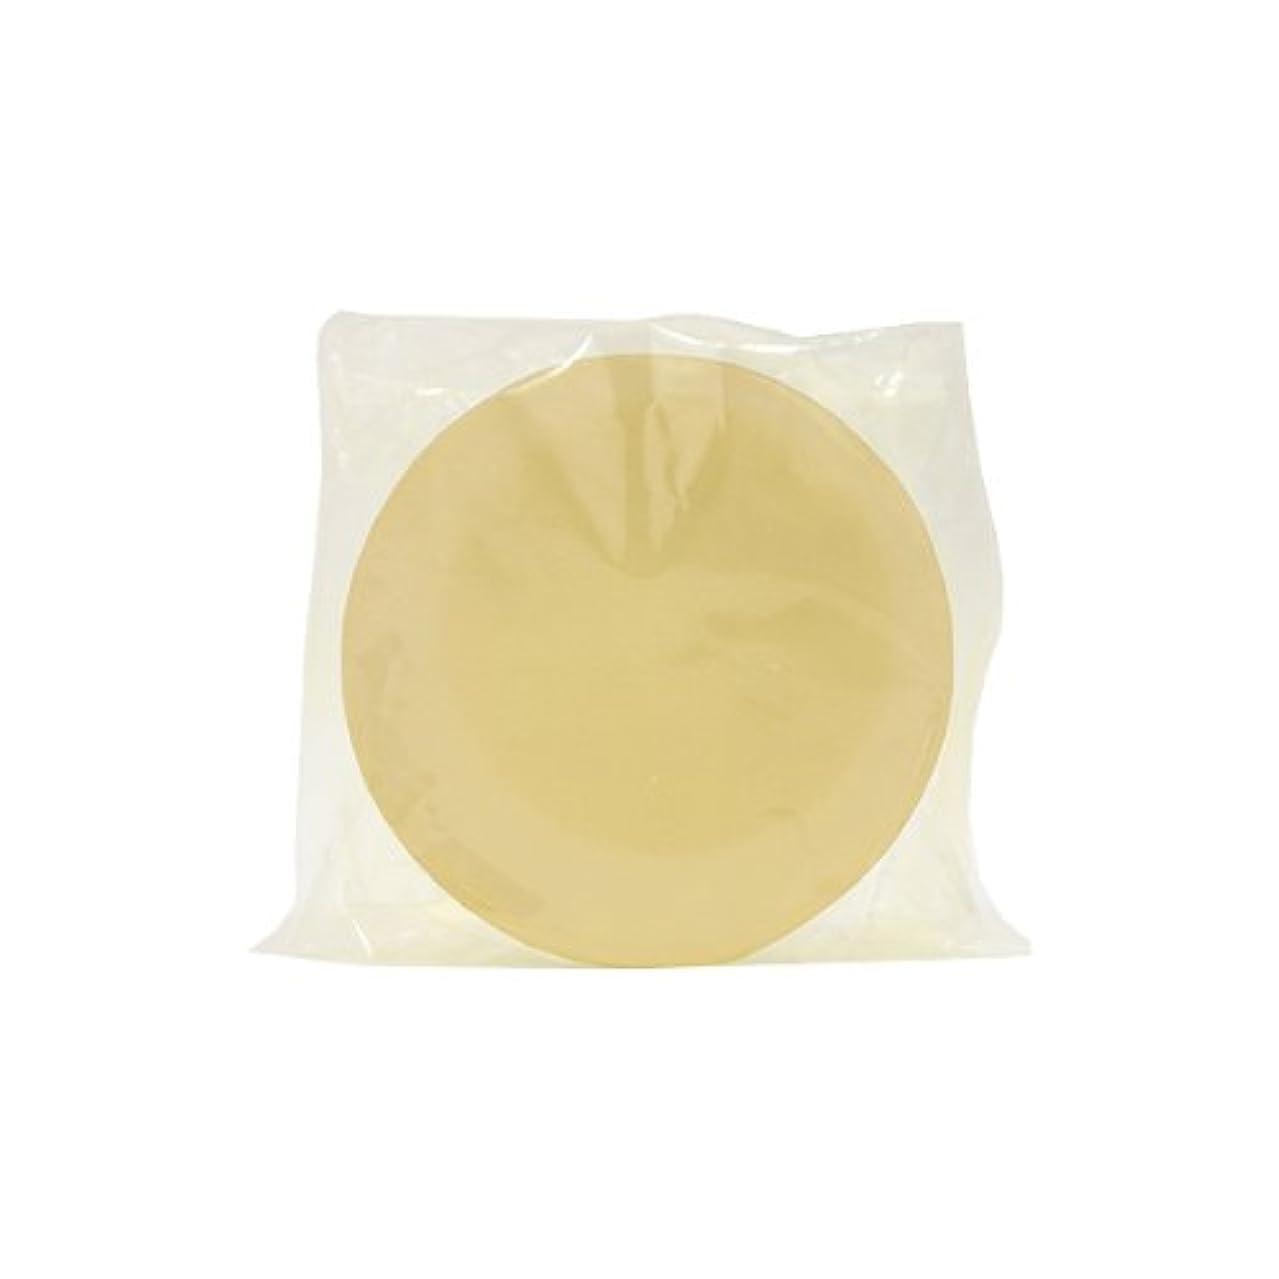 アーサーコナンドイルパーク悪党スキンライトソープ (透明枠練石鹸)80g 3個セット